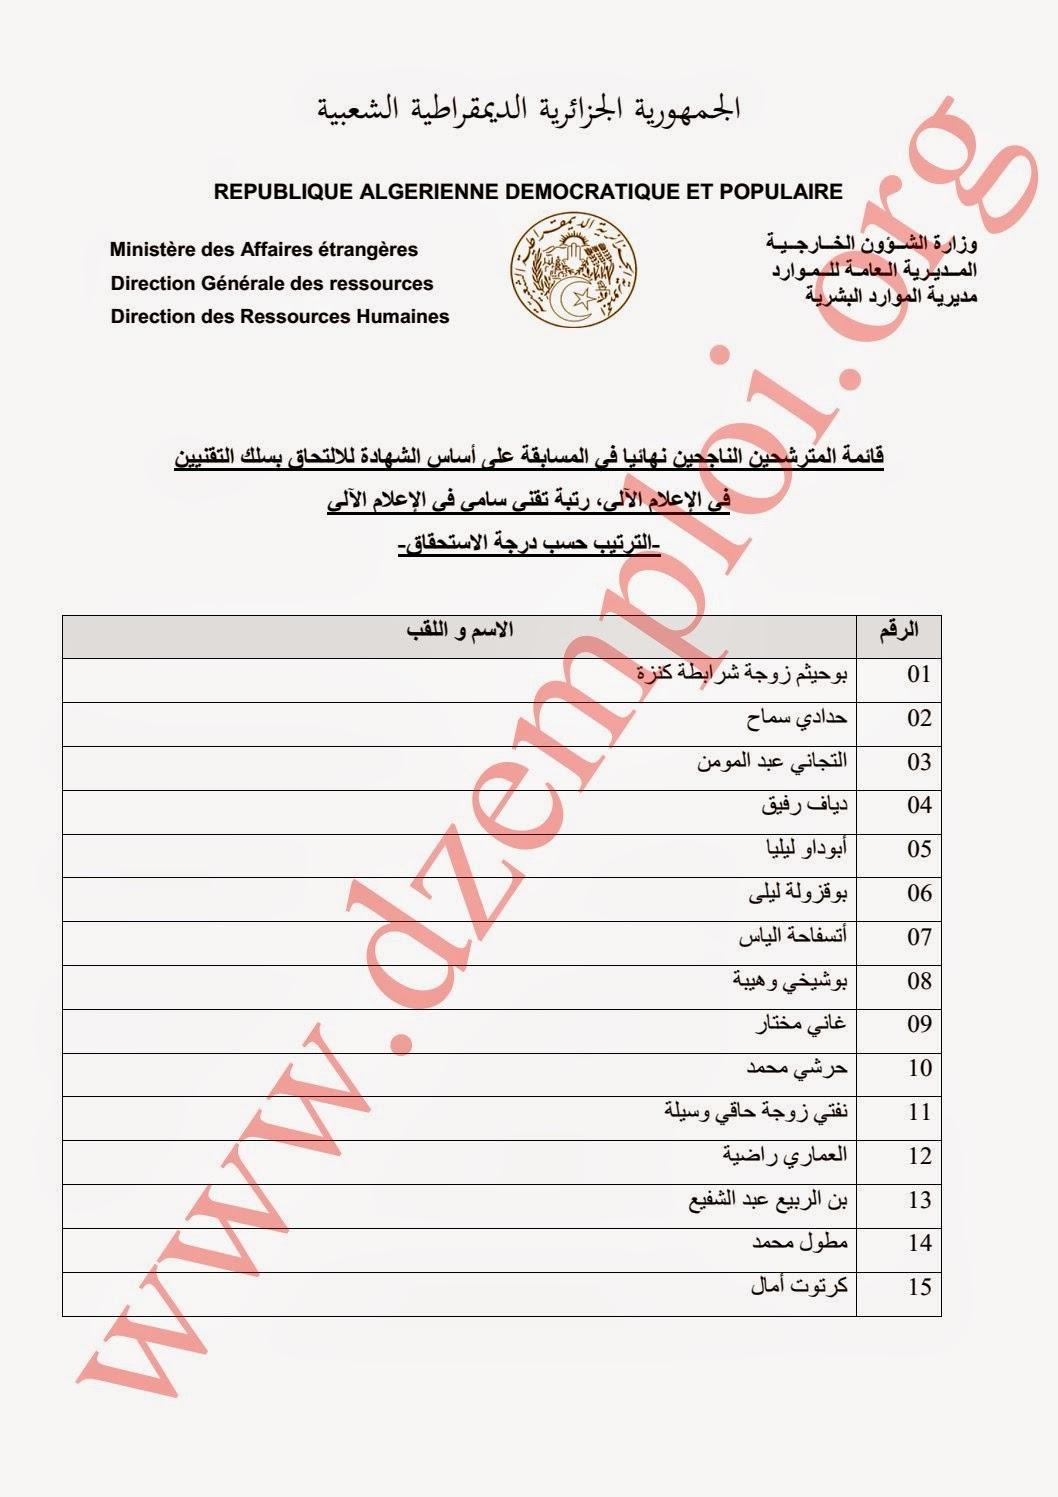 قائمة المترشحين الناجحين نهائيا في مسابقة وزارة الخارجية الخاصة برتب الأسلاك المشتركة 2014 4.jpg